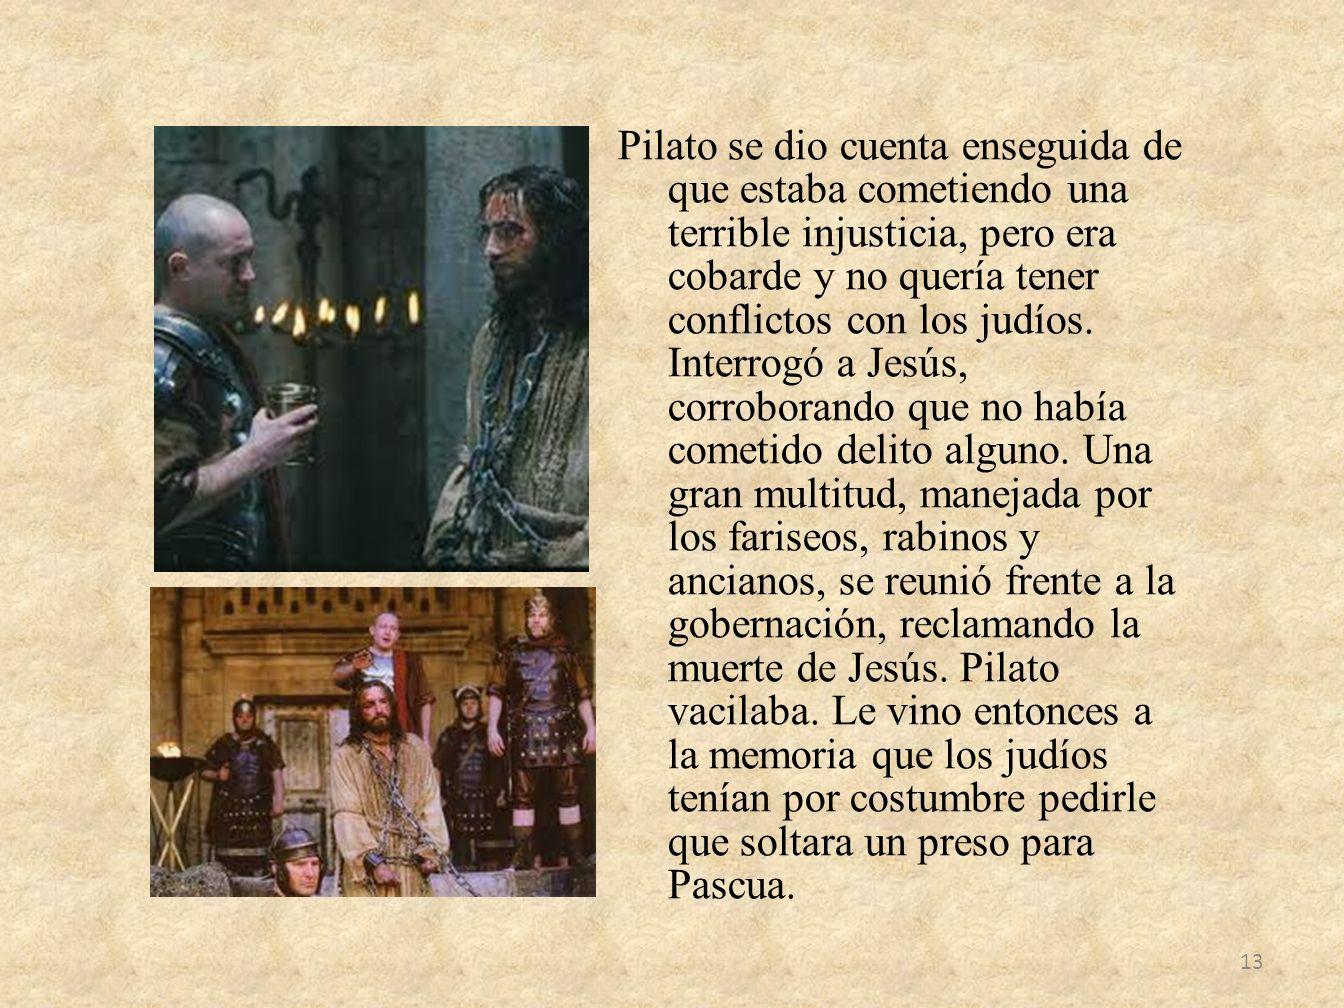 Pilato se dio cuenta enseguida de que estaba cometiendo una terrible injusticia, pero era cobarde y no quería tener conflictos con los judíos. Interro